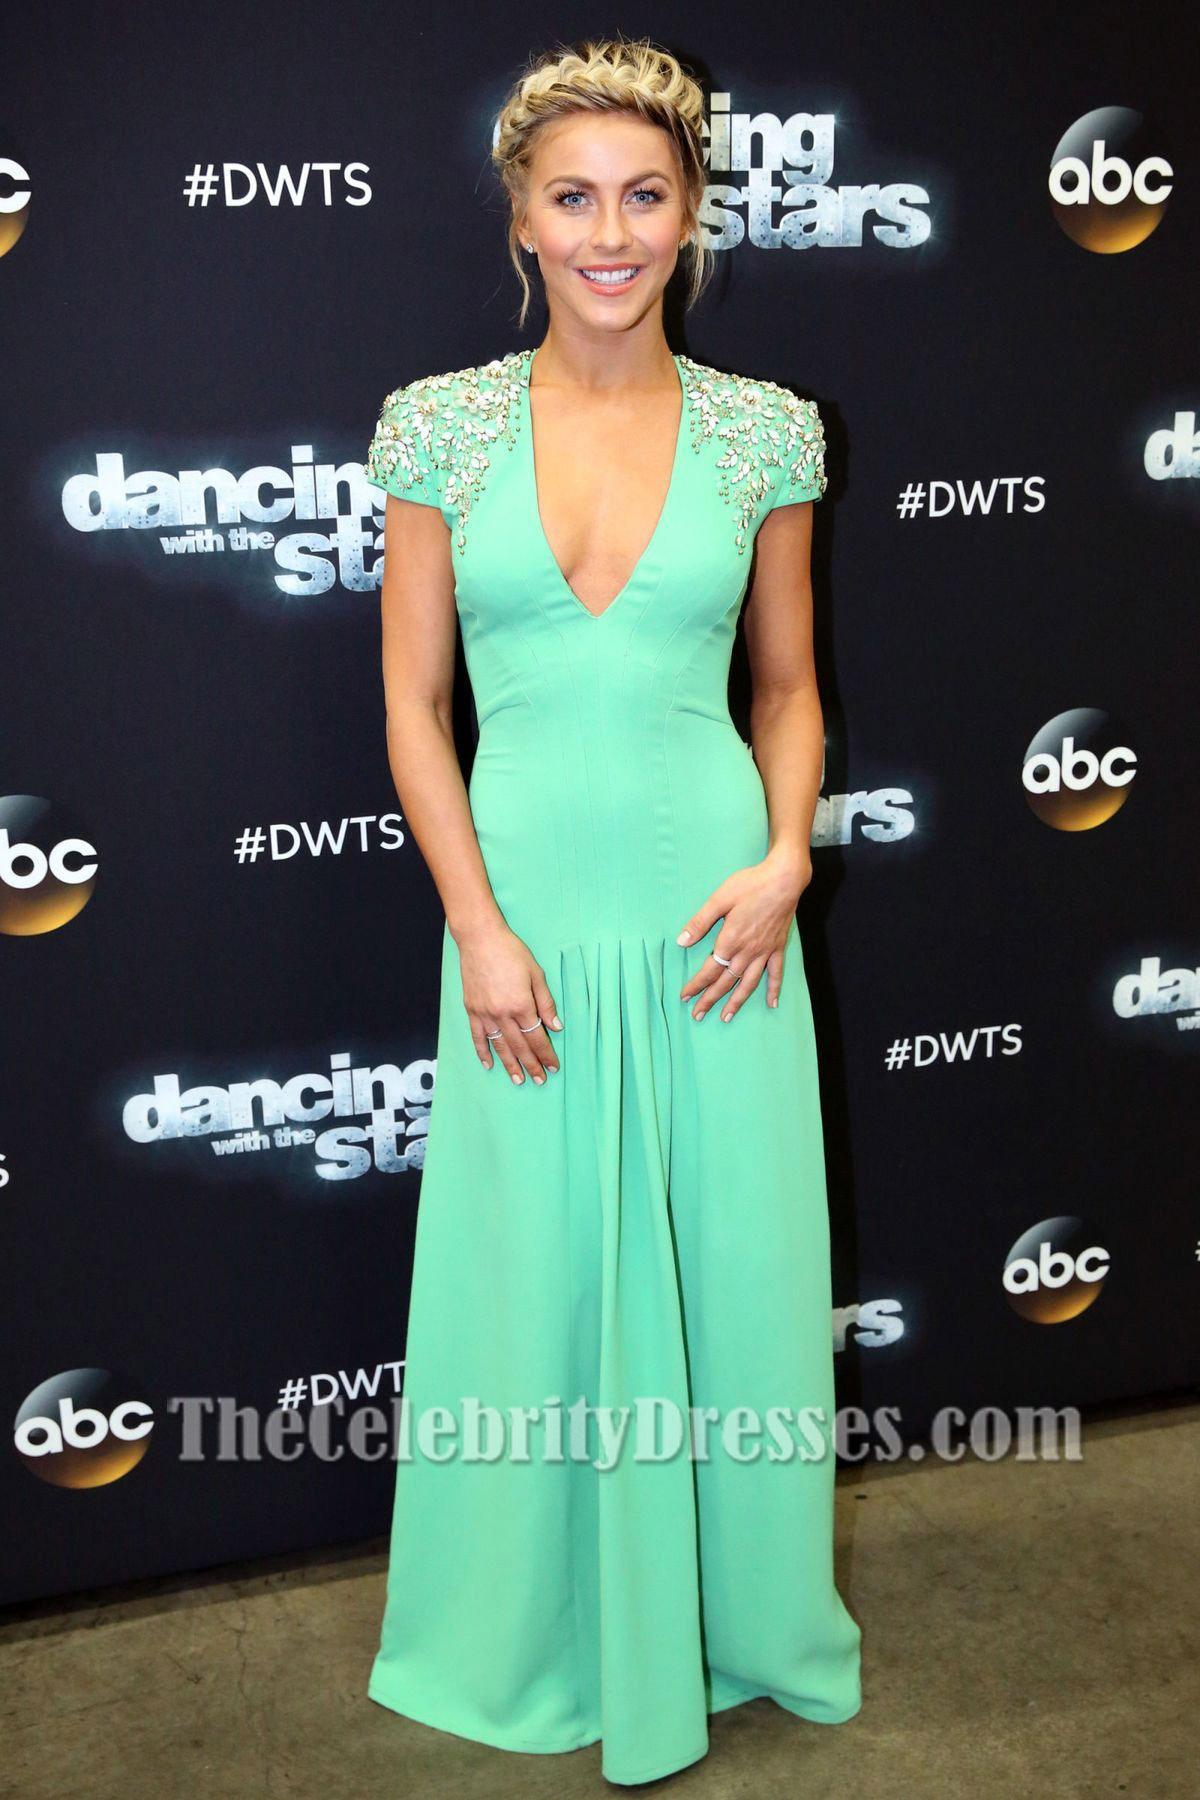 Films Met Julianne Hough Julianne Hough Beaded Evening Dress Season Of Dancing